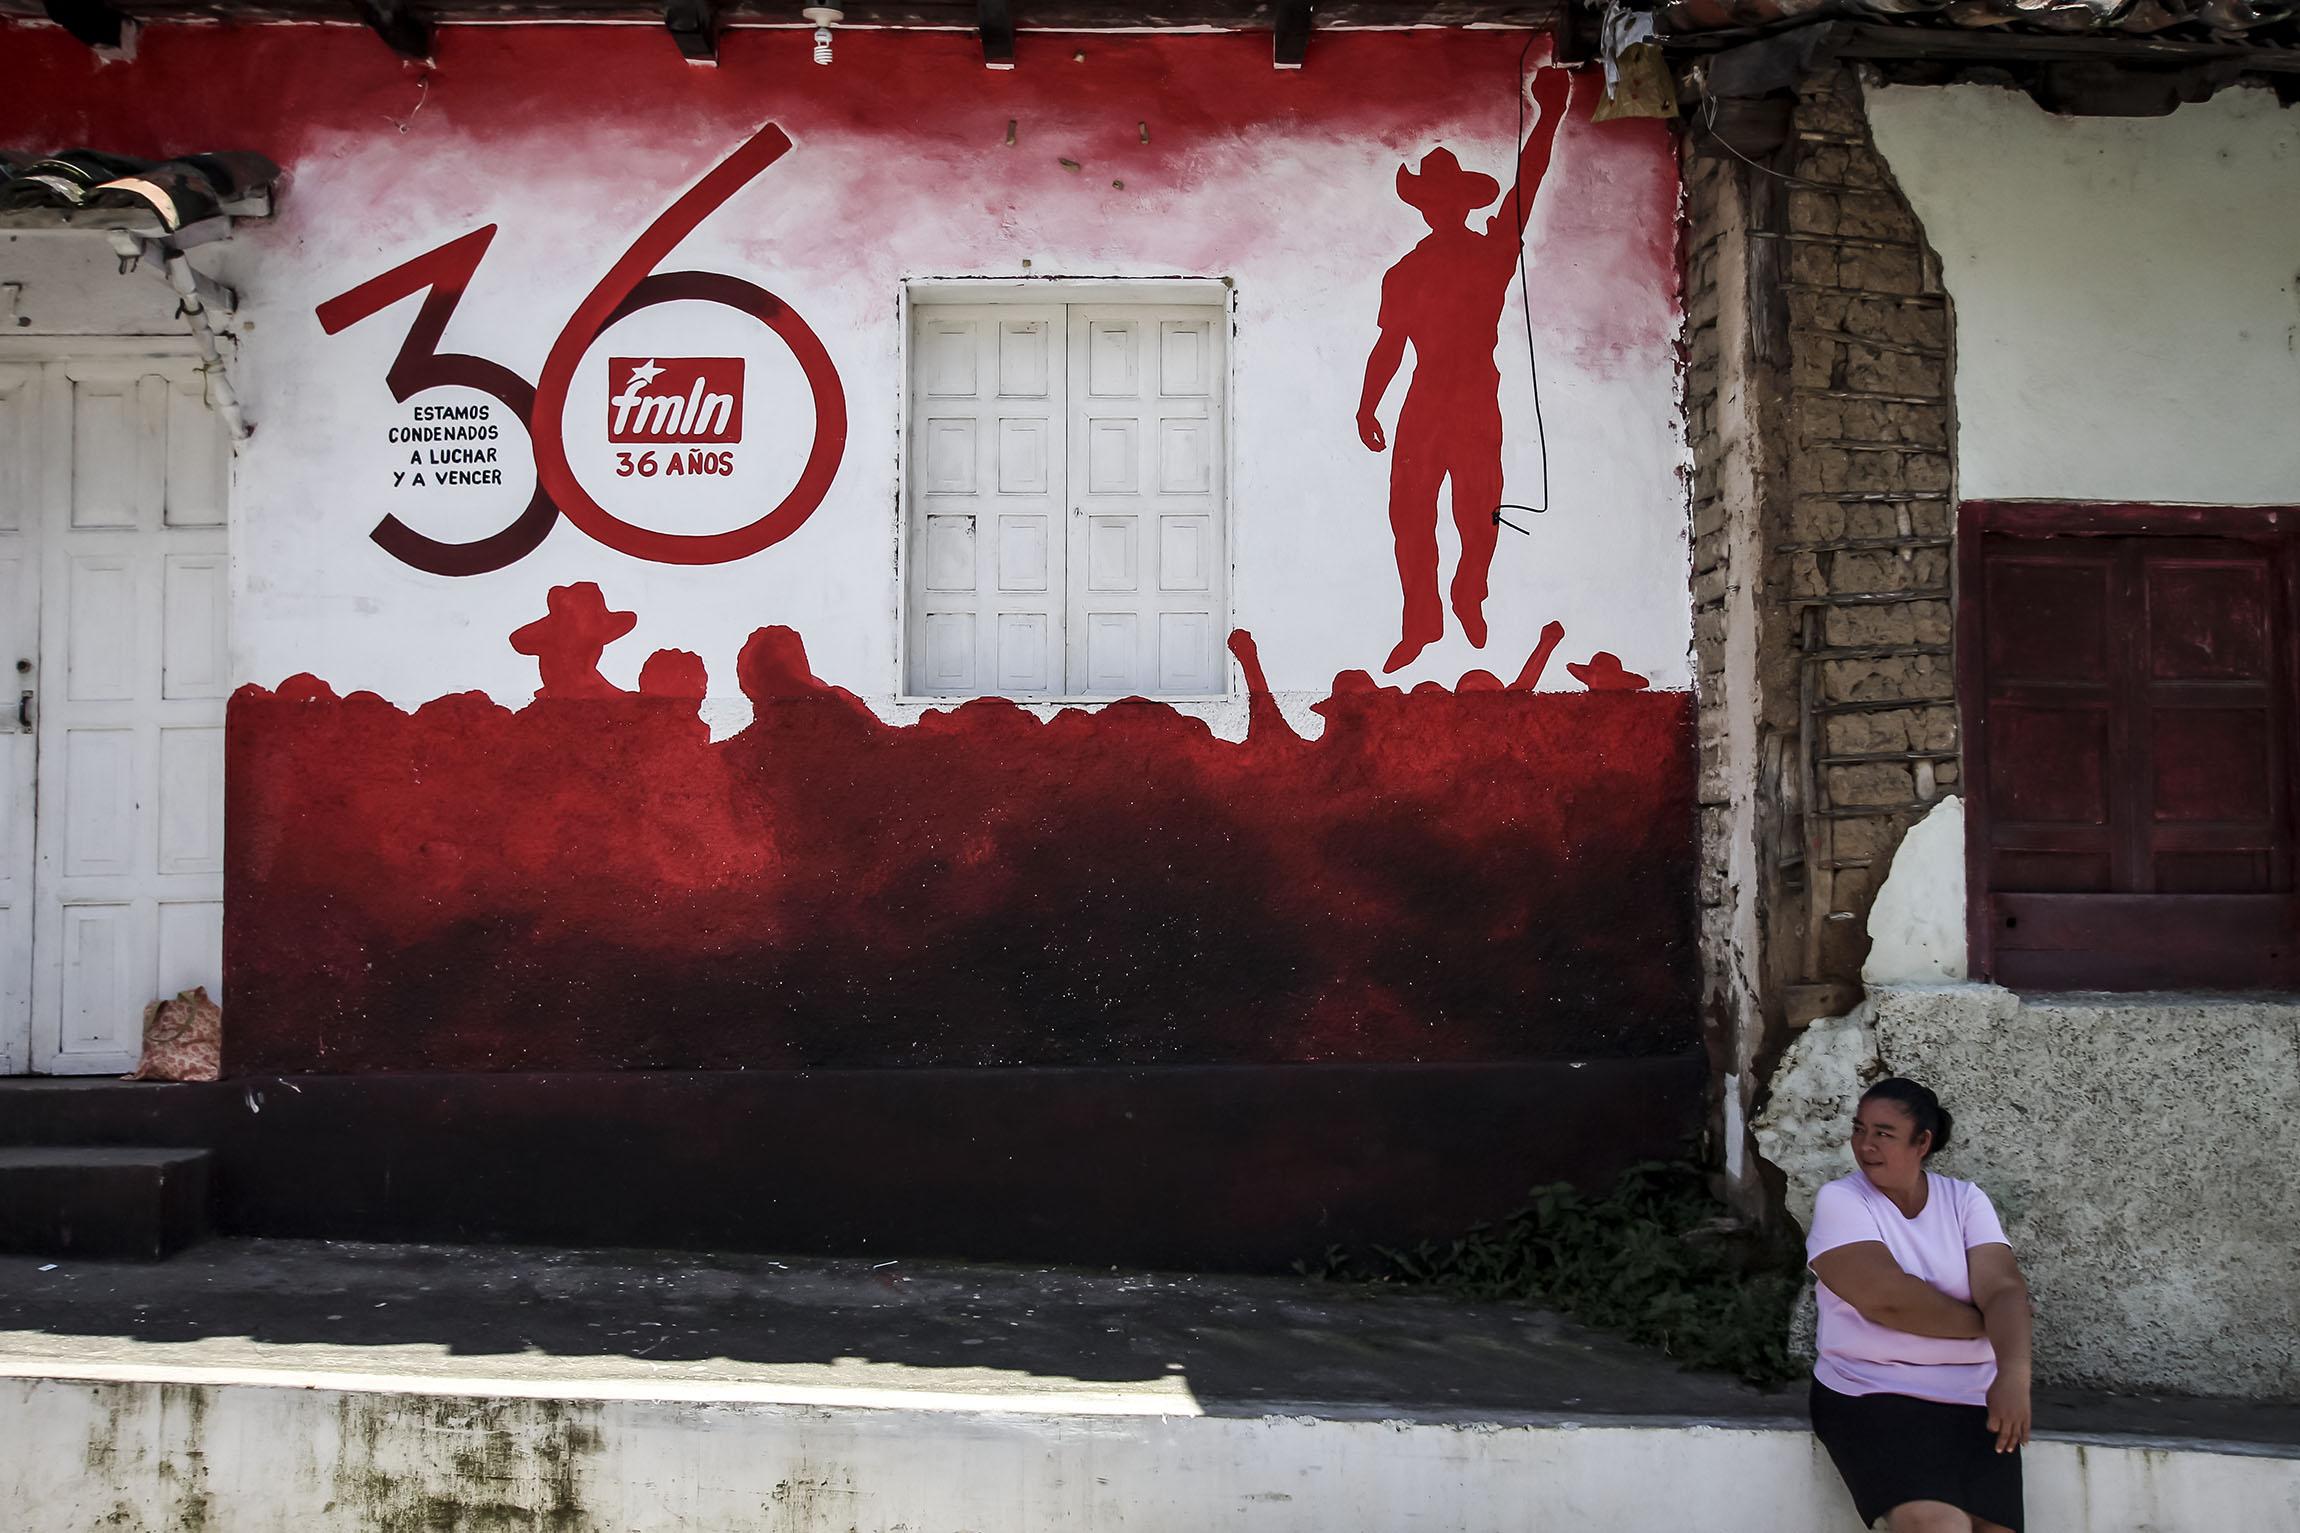 FMLN propone revelar donantes con un método que también permite ocultarlos